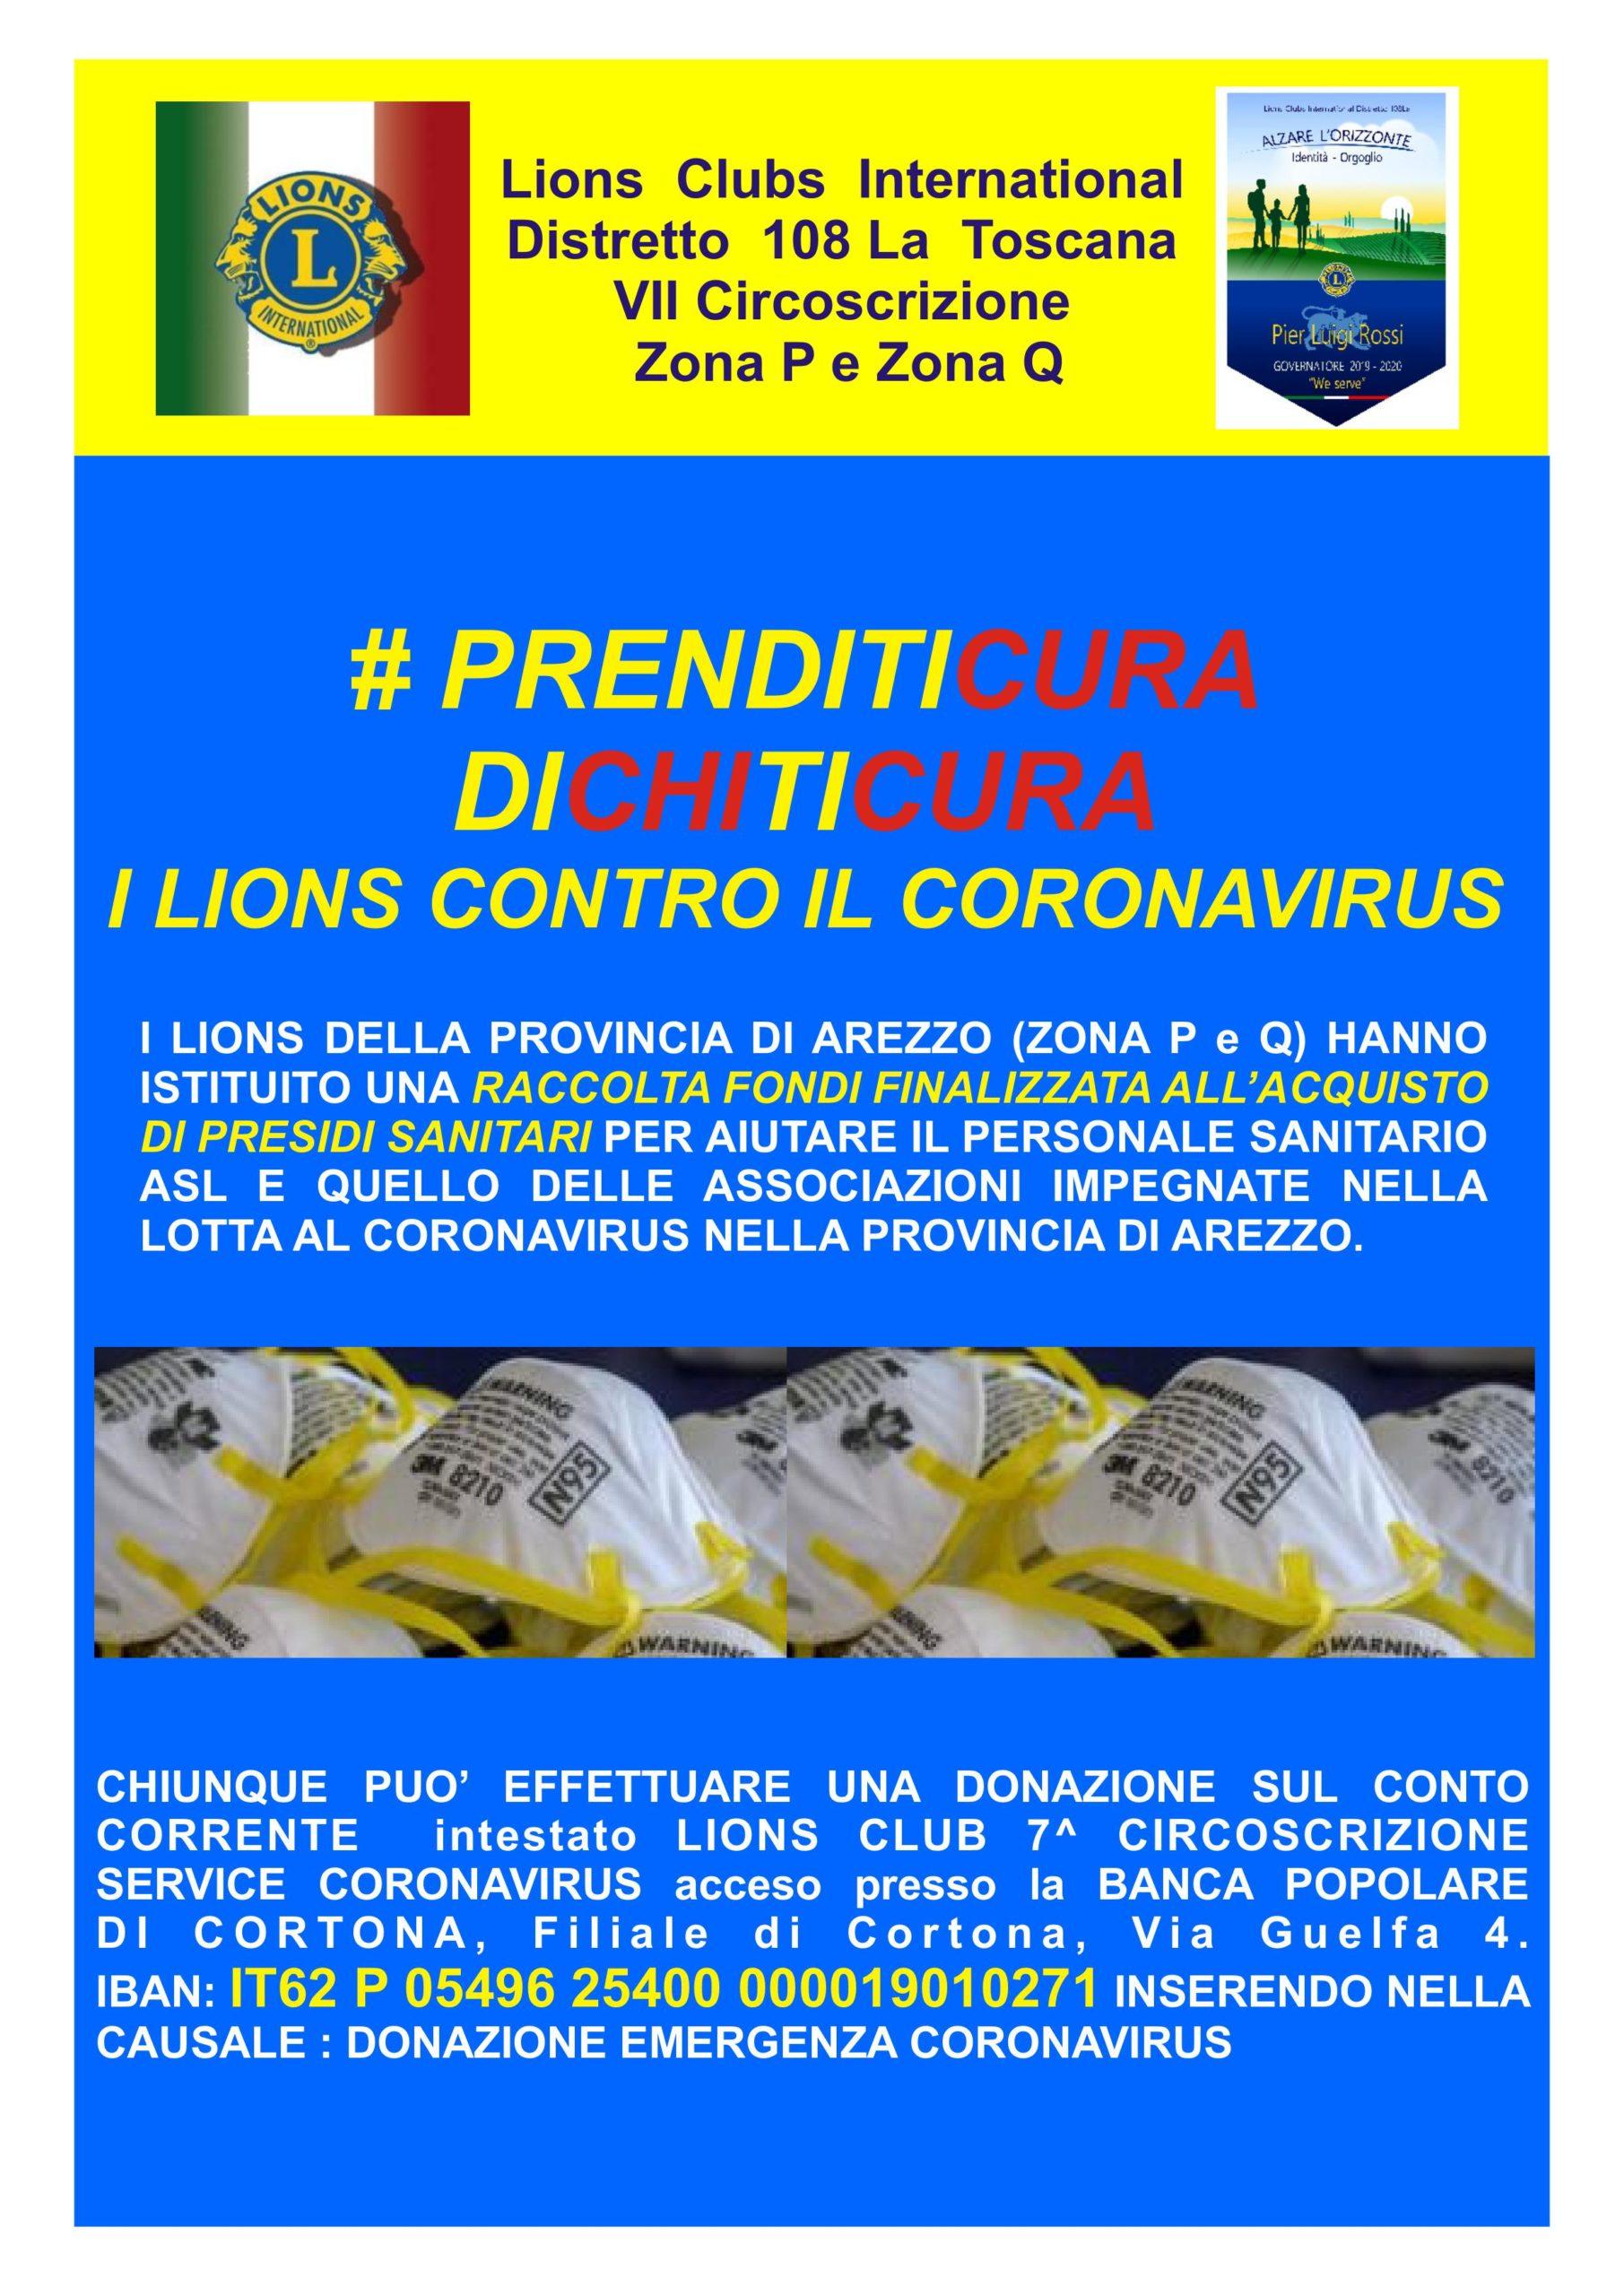 Raccolta fondi del Lions Club in aiuto ad Asl e associazioni impegnate nel fronteggiare il CoronaVirus